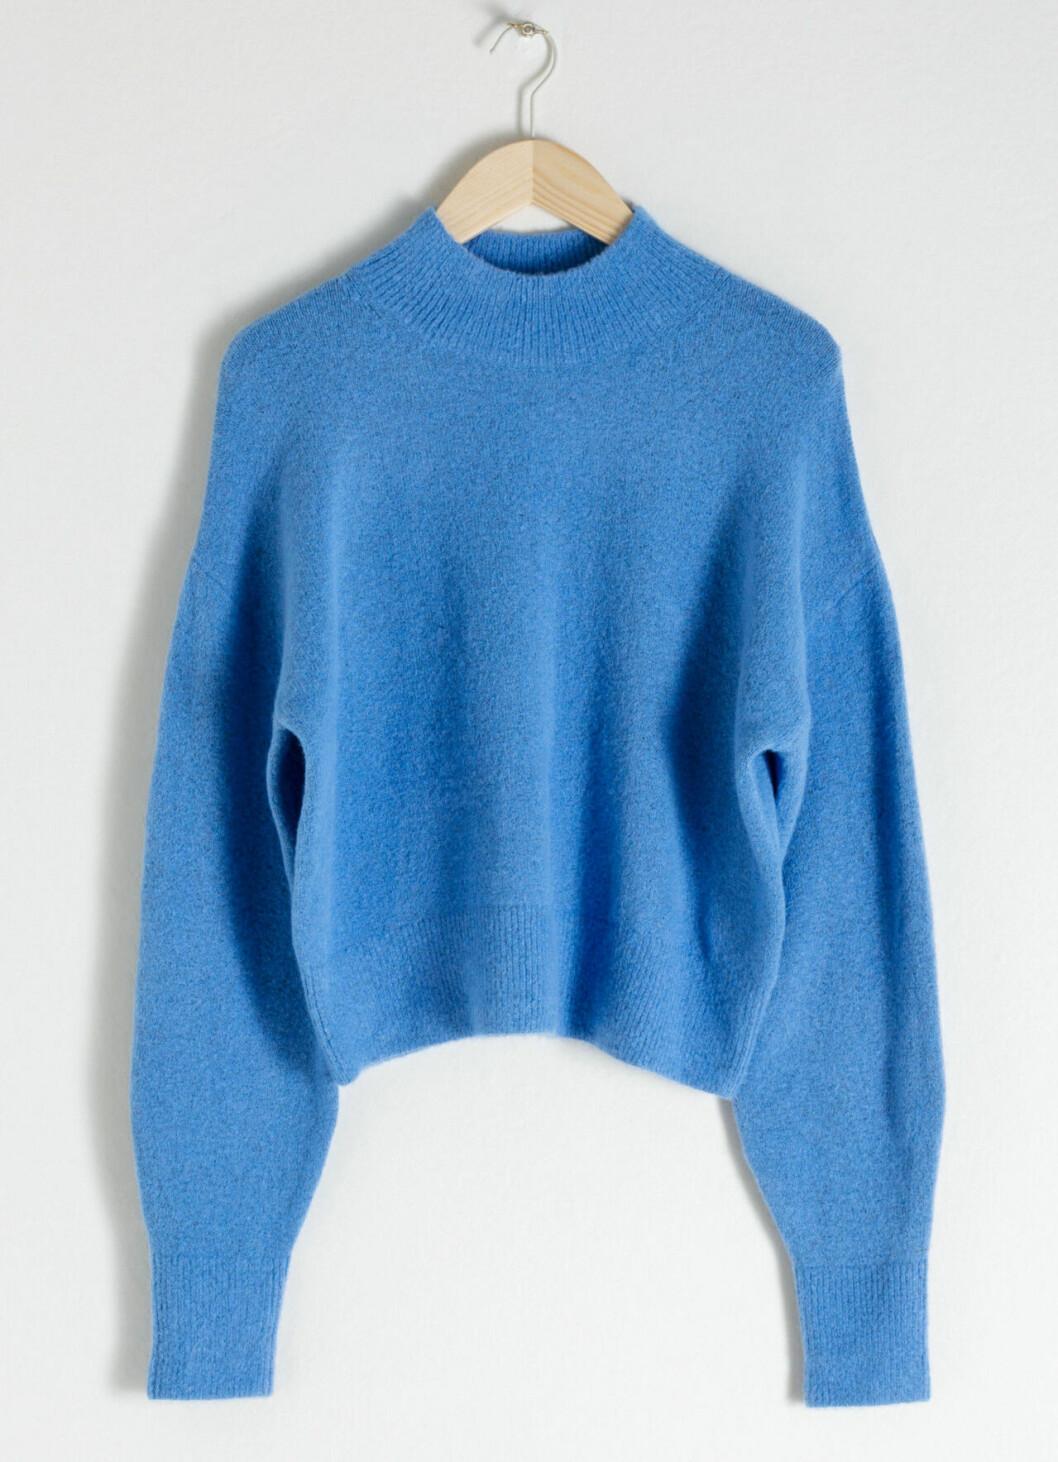 Blå stickad tröja till våren 2019